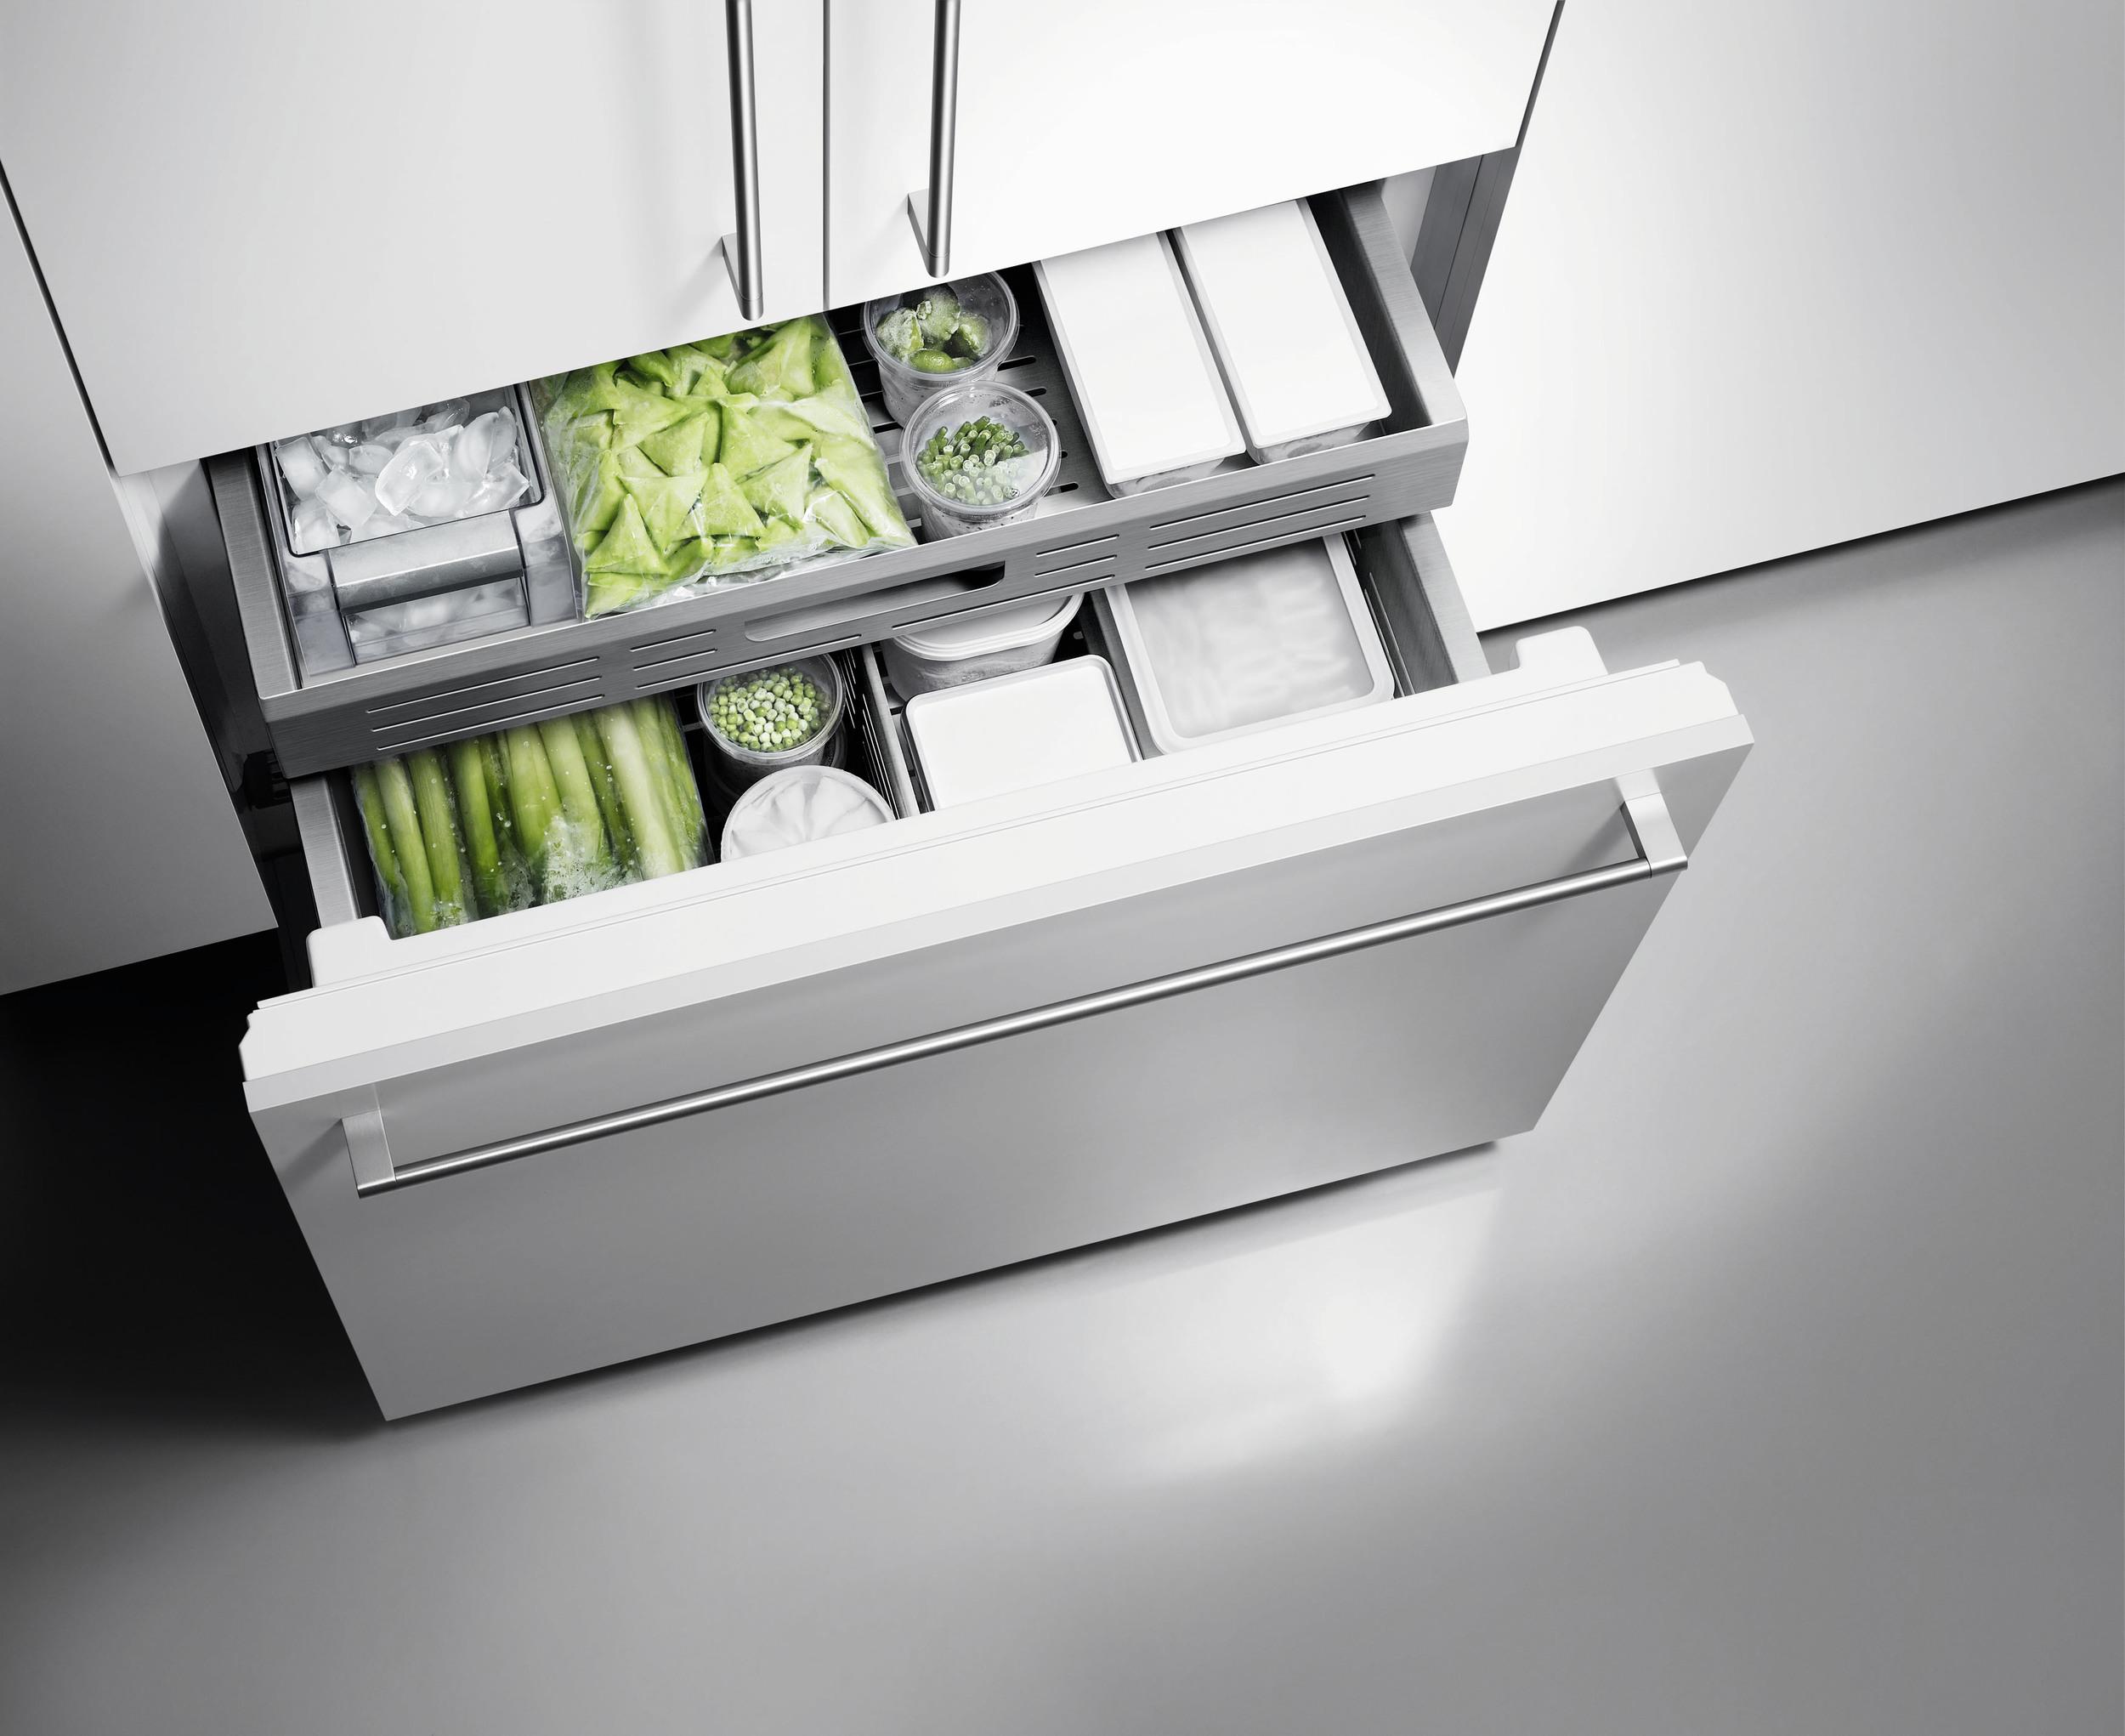 04_Gaggenau_Vario_Cooling_400_series_freezer_drawer_02.jpg